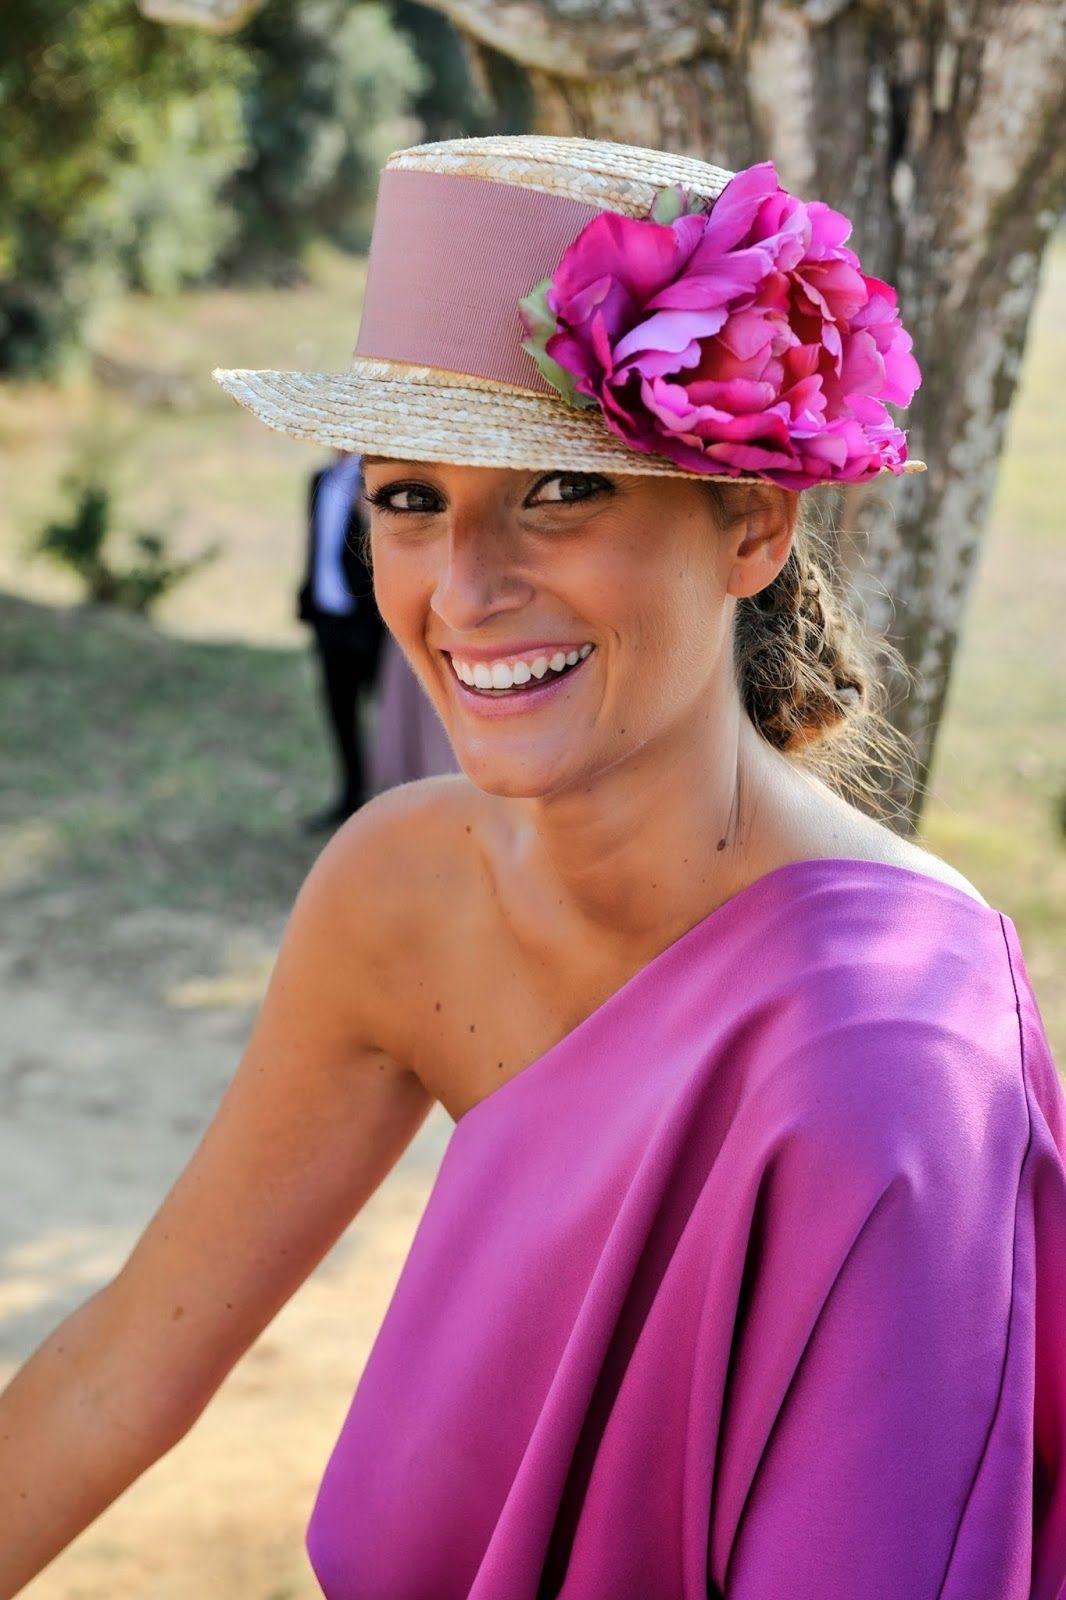 Pin de Fiona Su en Hat | Pinterest | Tocado, Boda y Tocados boda